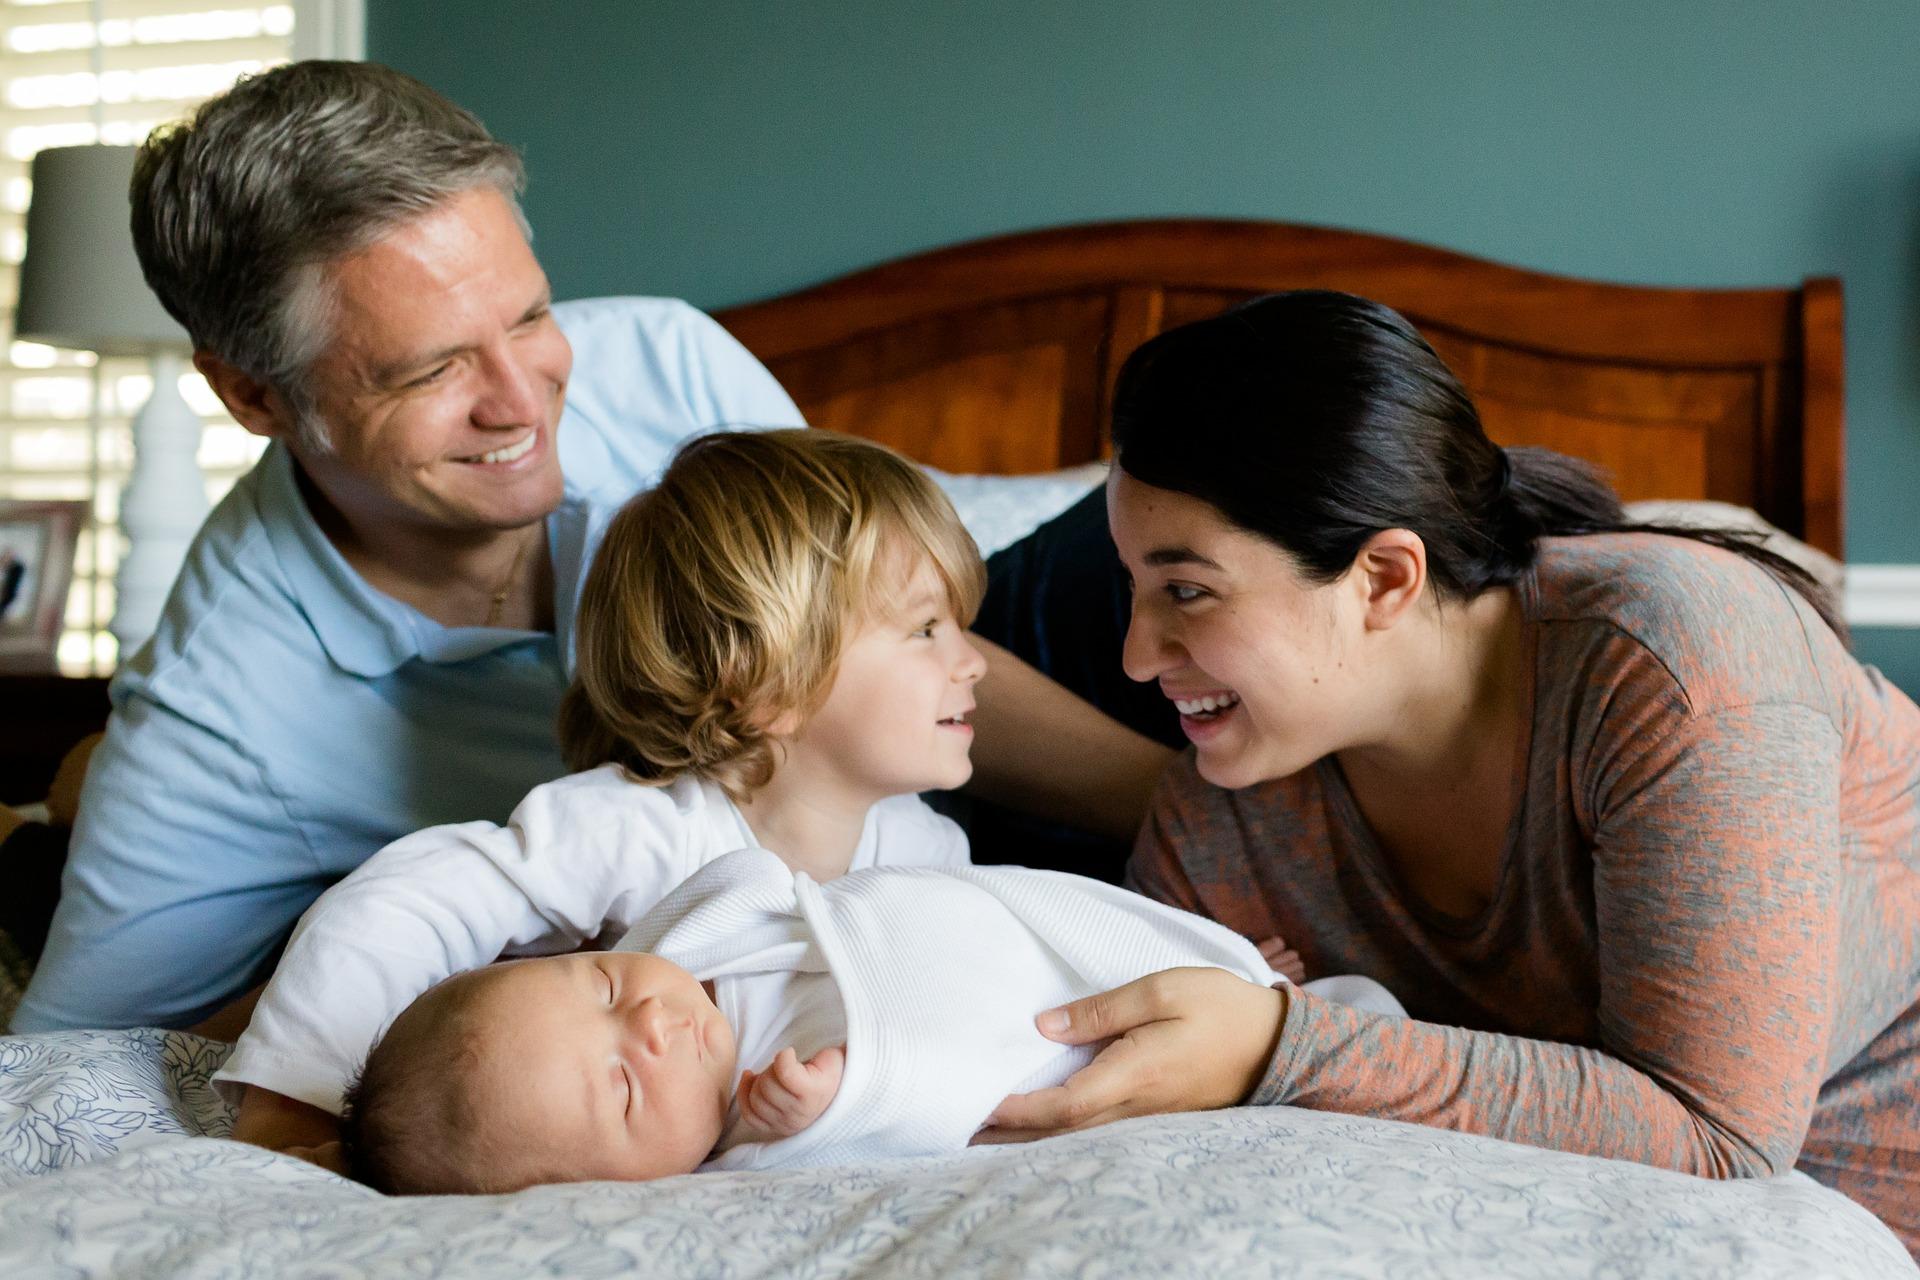 planejar financeiramente para ter um filho